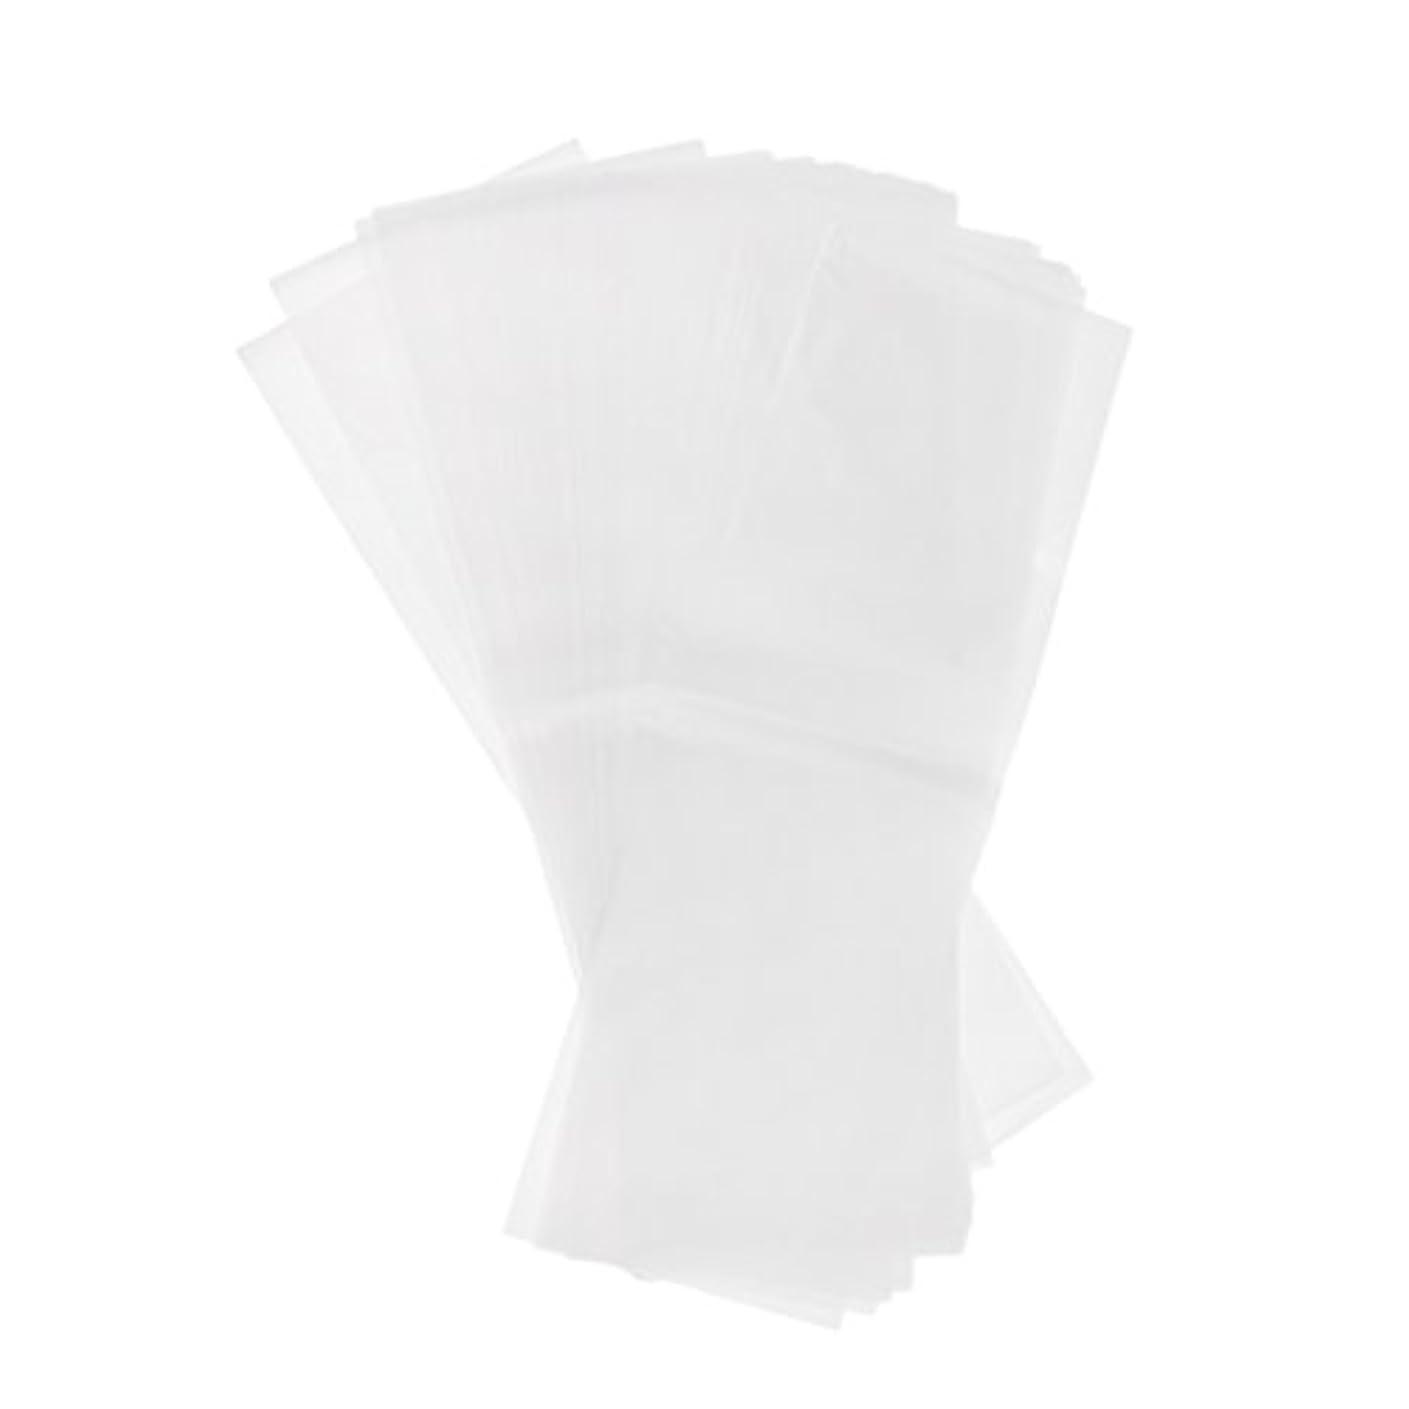 面倒スムーズにペレットPerfeclan 約50枚 毛染め 分版用紙 プラスチック製 染毛紙 色のハイライト おしゃれ染め 2仕様選べる - ホワイト